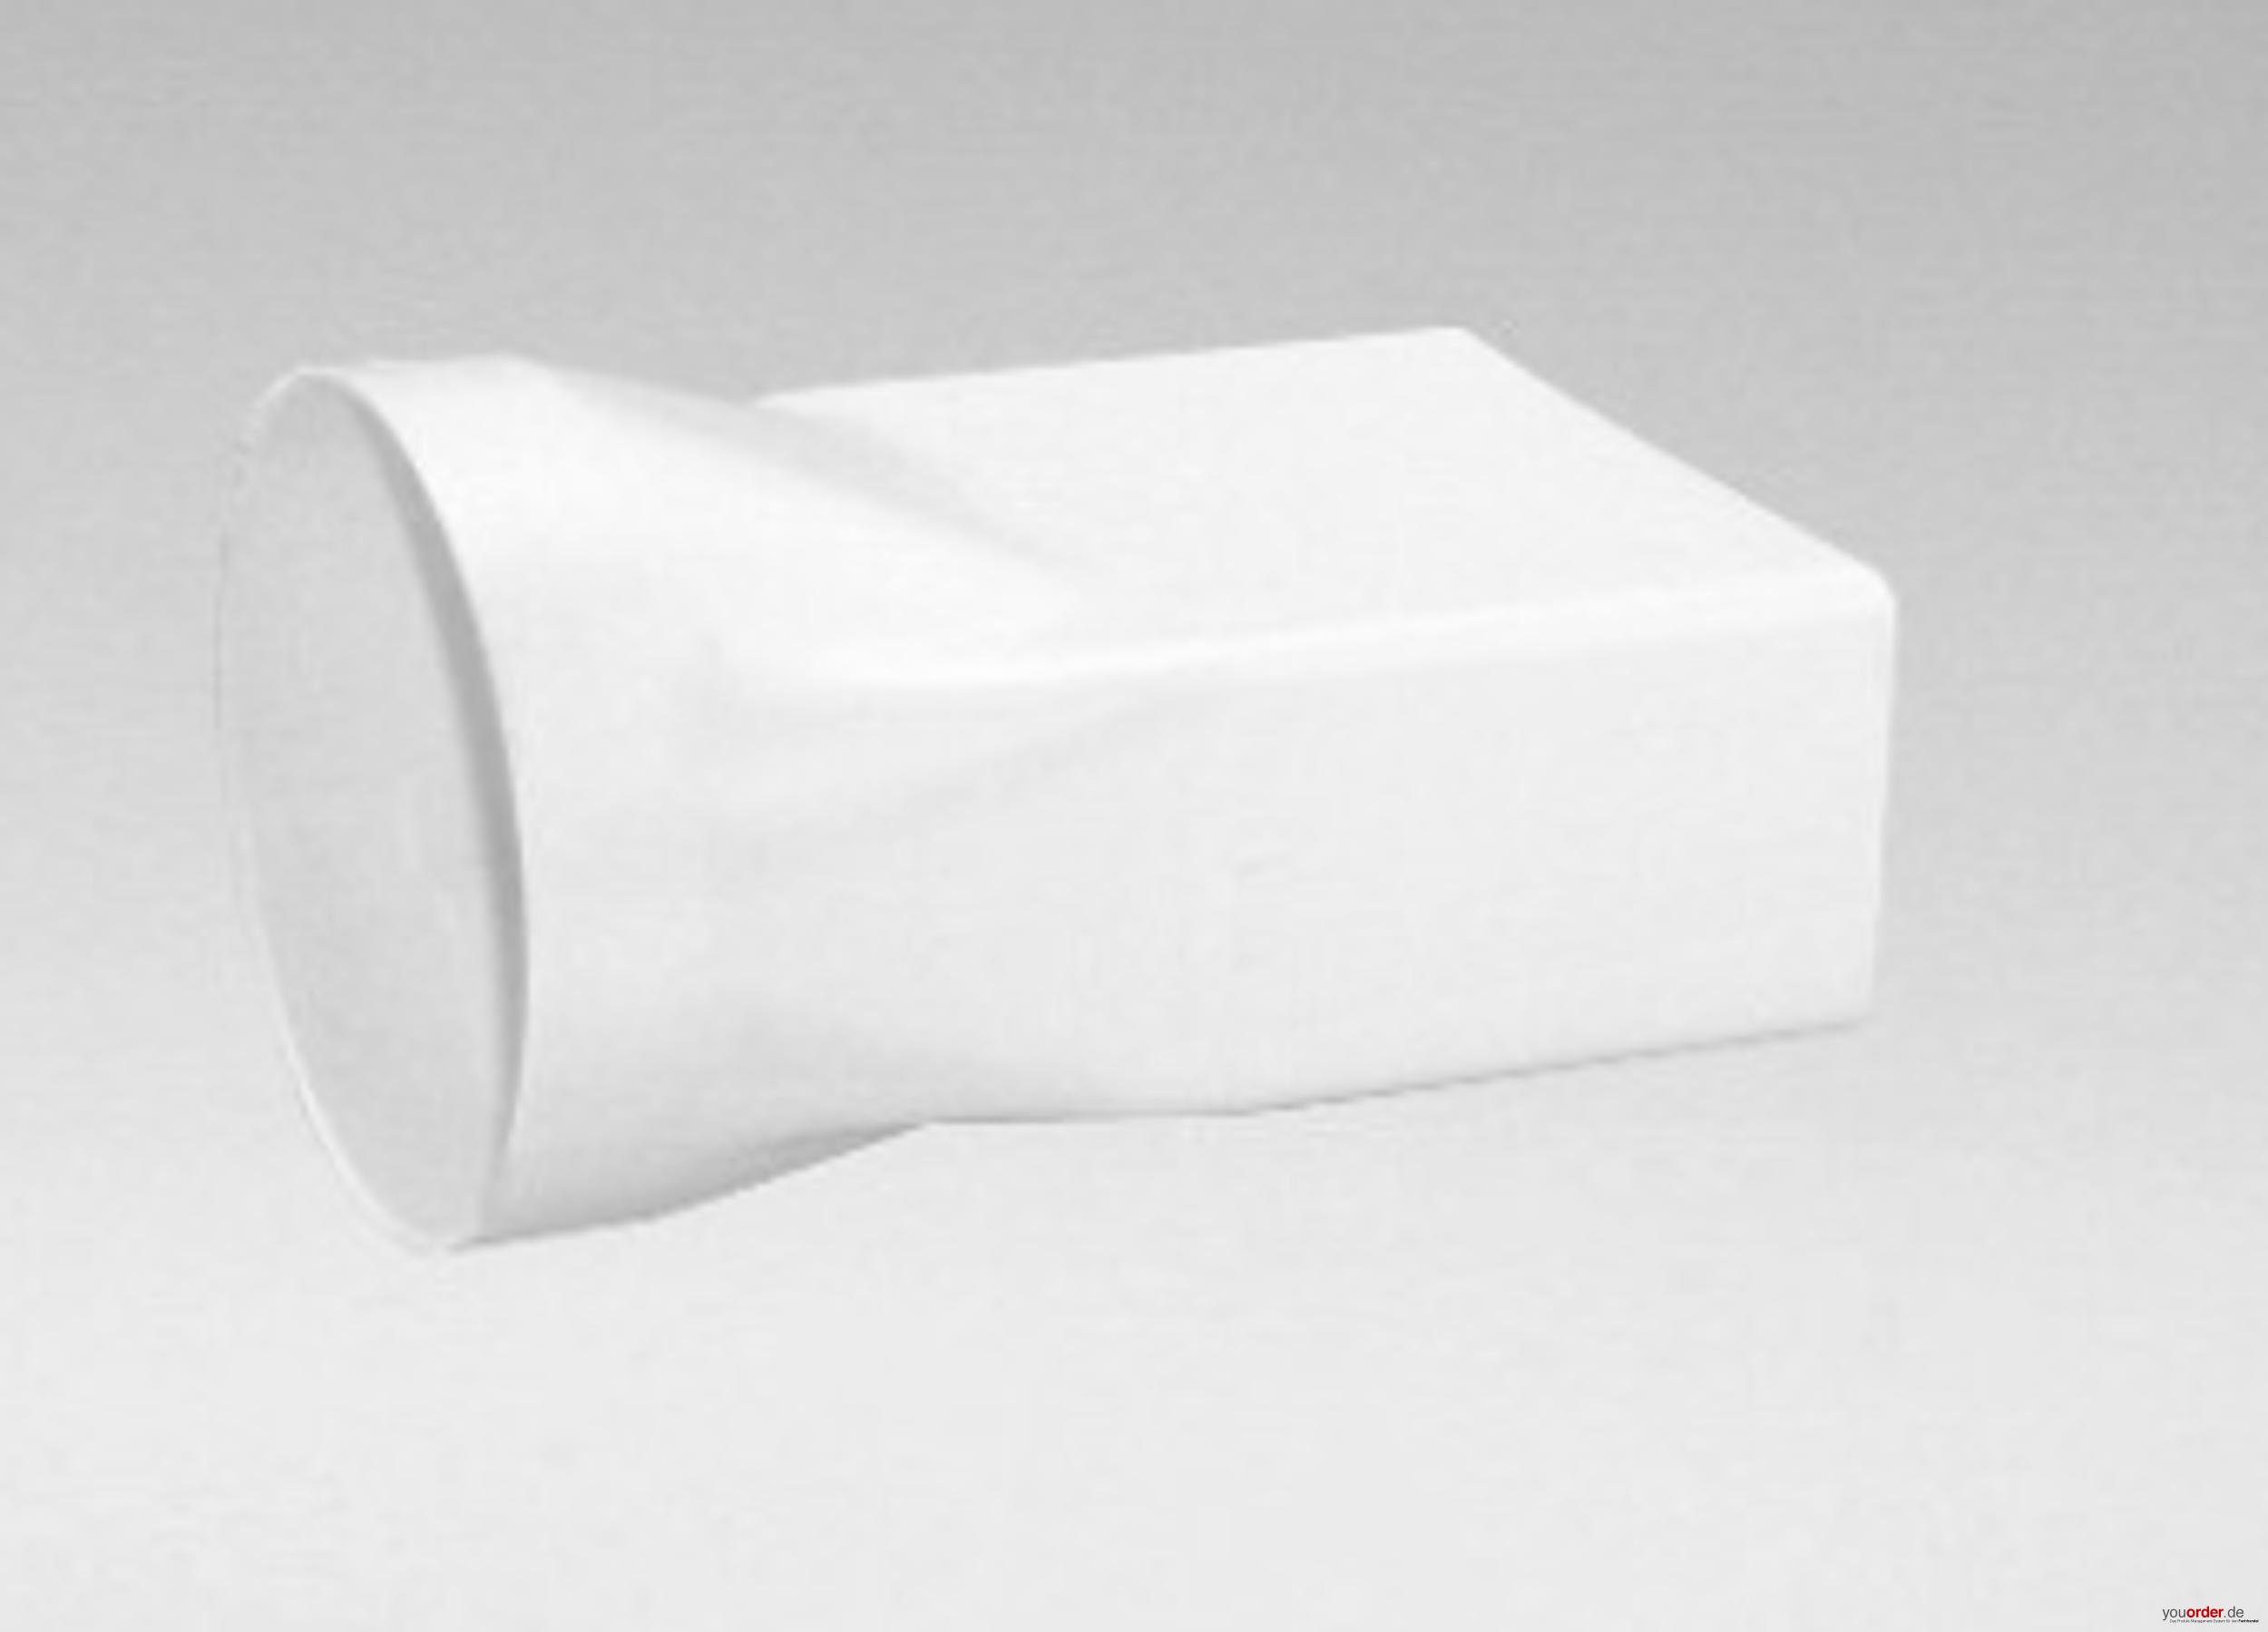 bergangsst ck rund auf eckig airstream 150er youorder der partner zwischen hersteller und. Black Bedroom Furniture Sets. Home Design Ideas